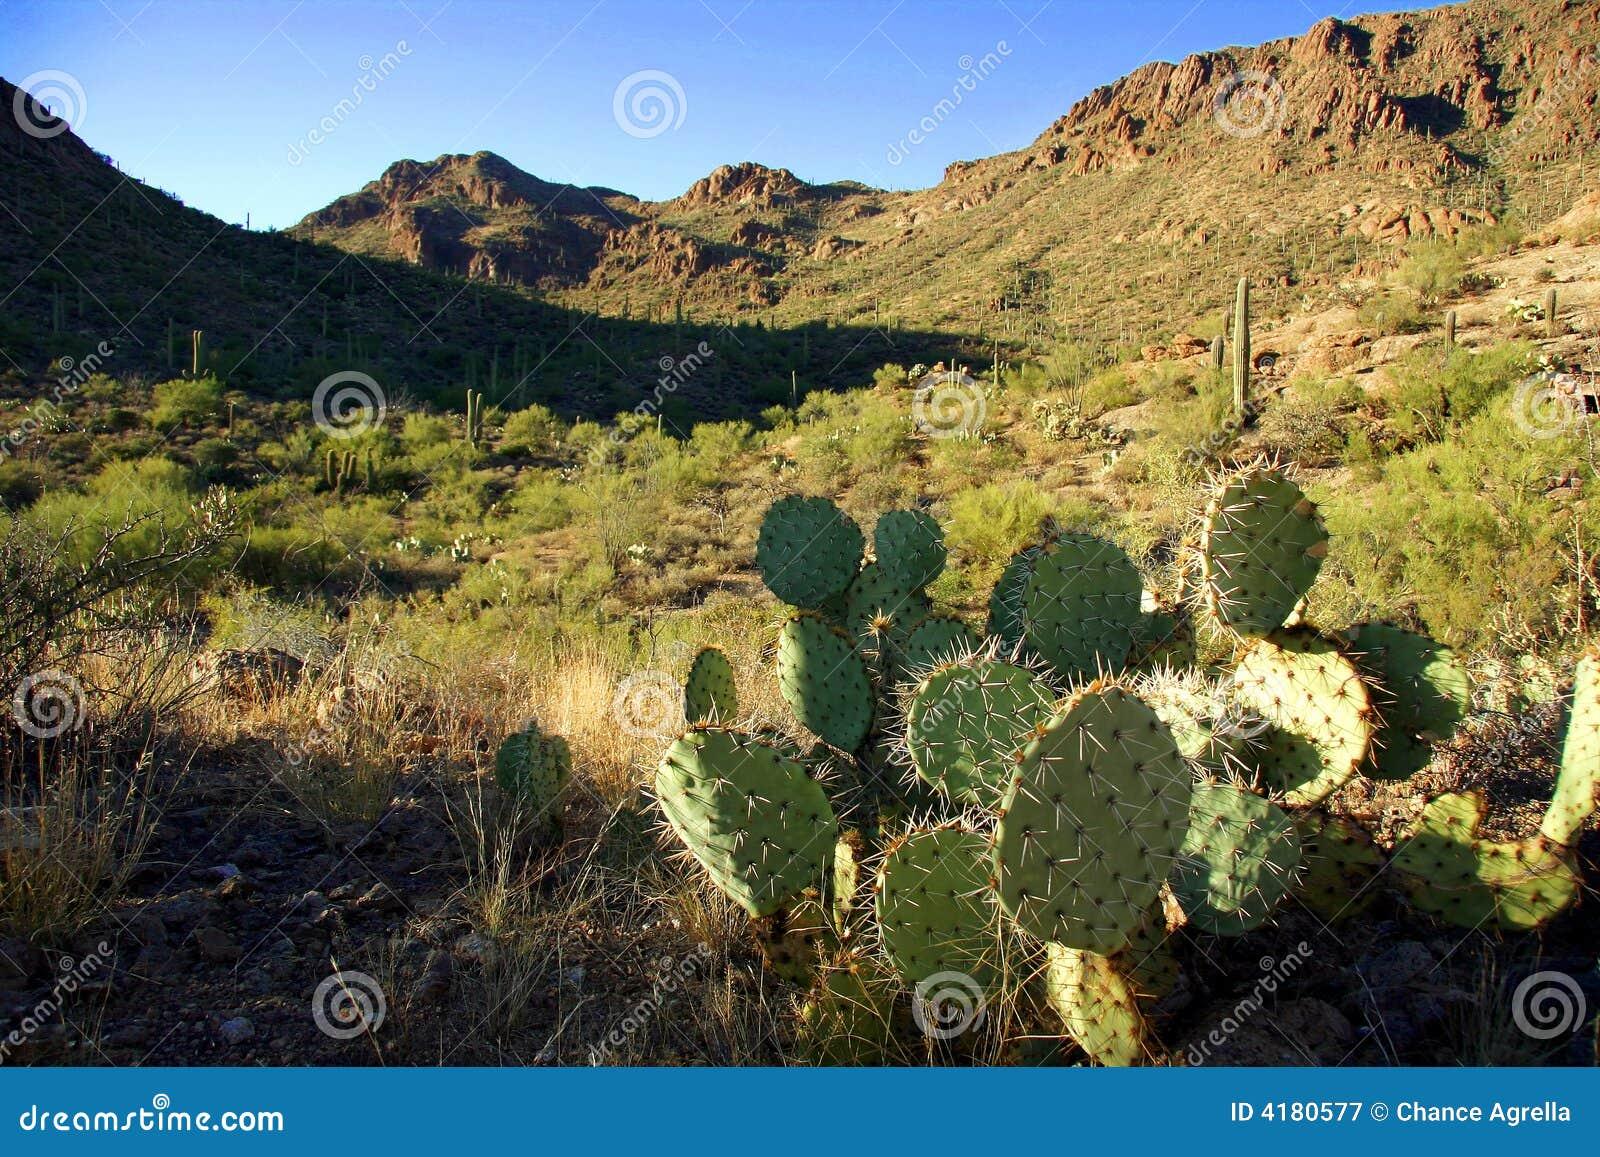 Vijgcactus in woestijn